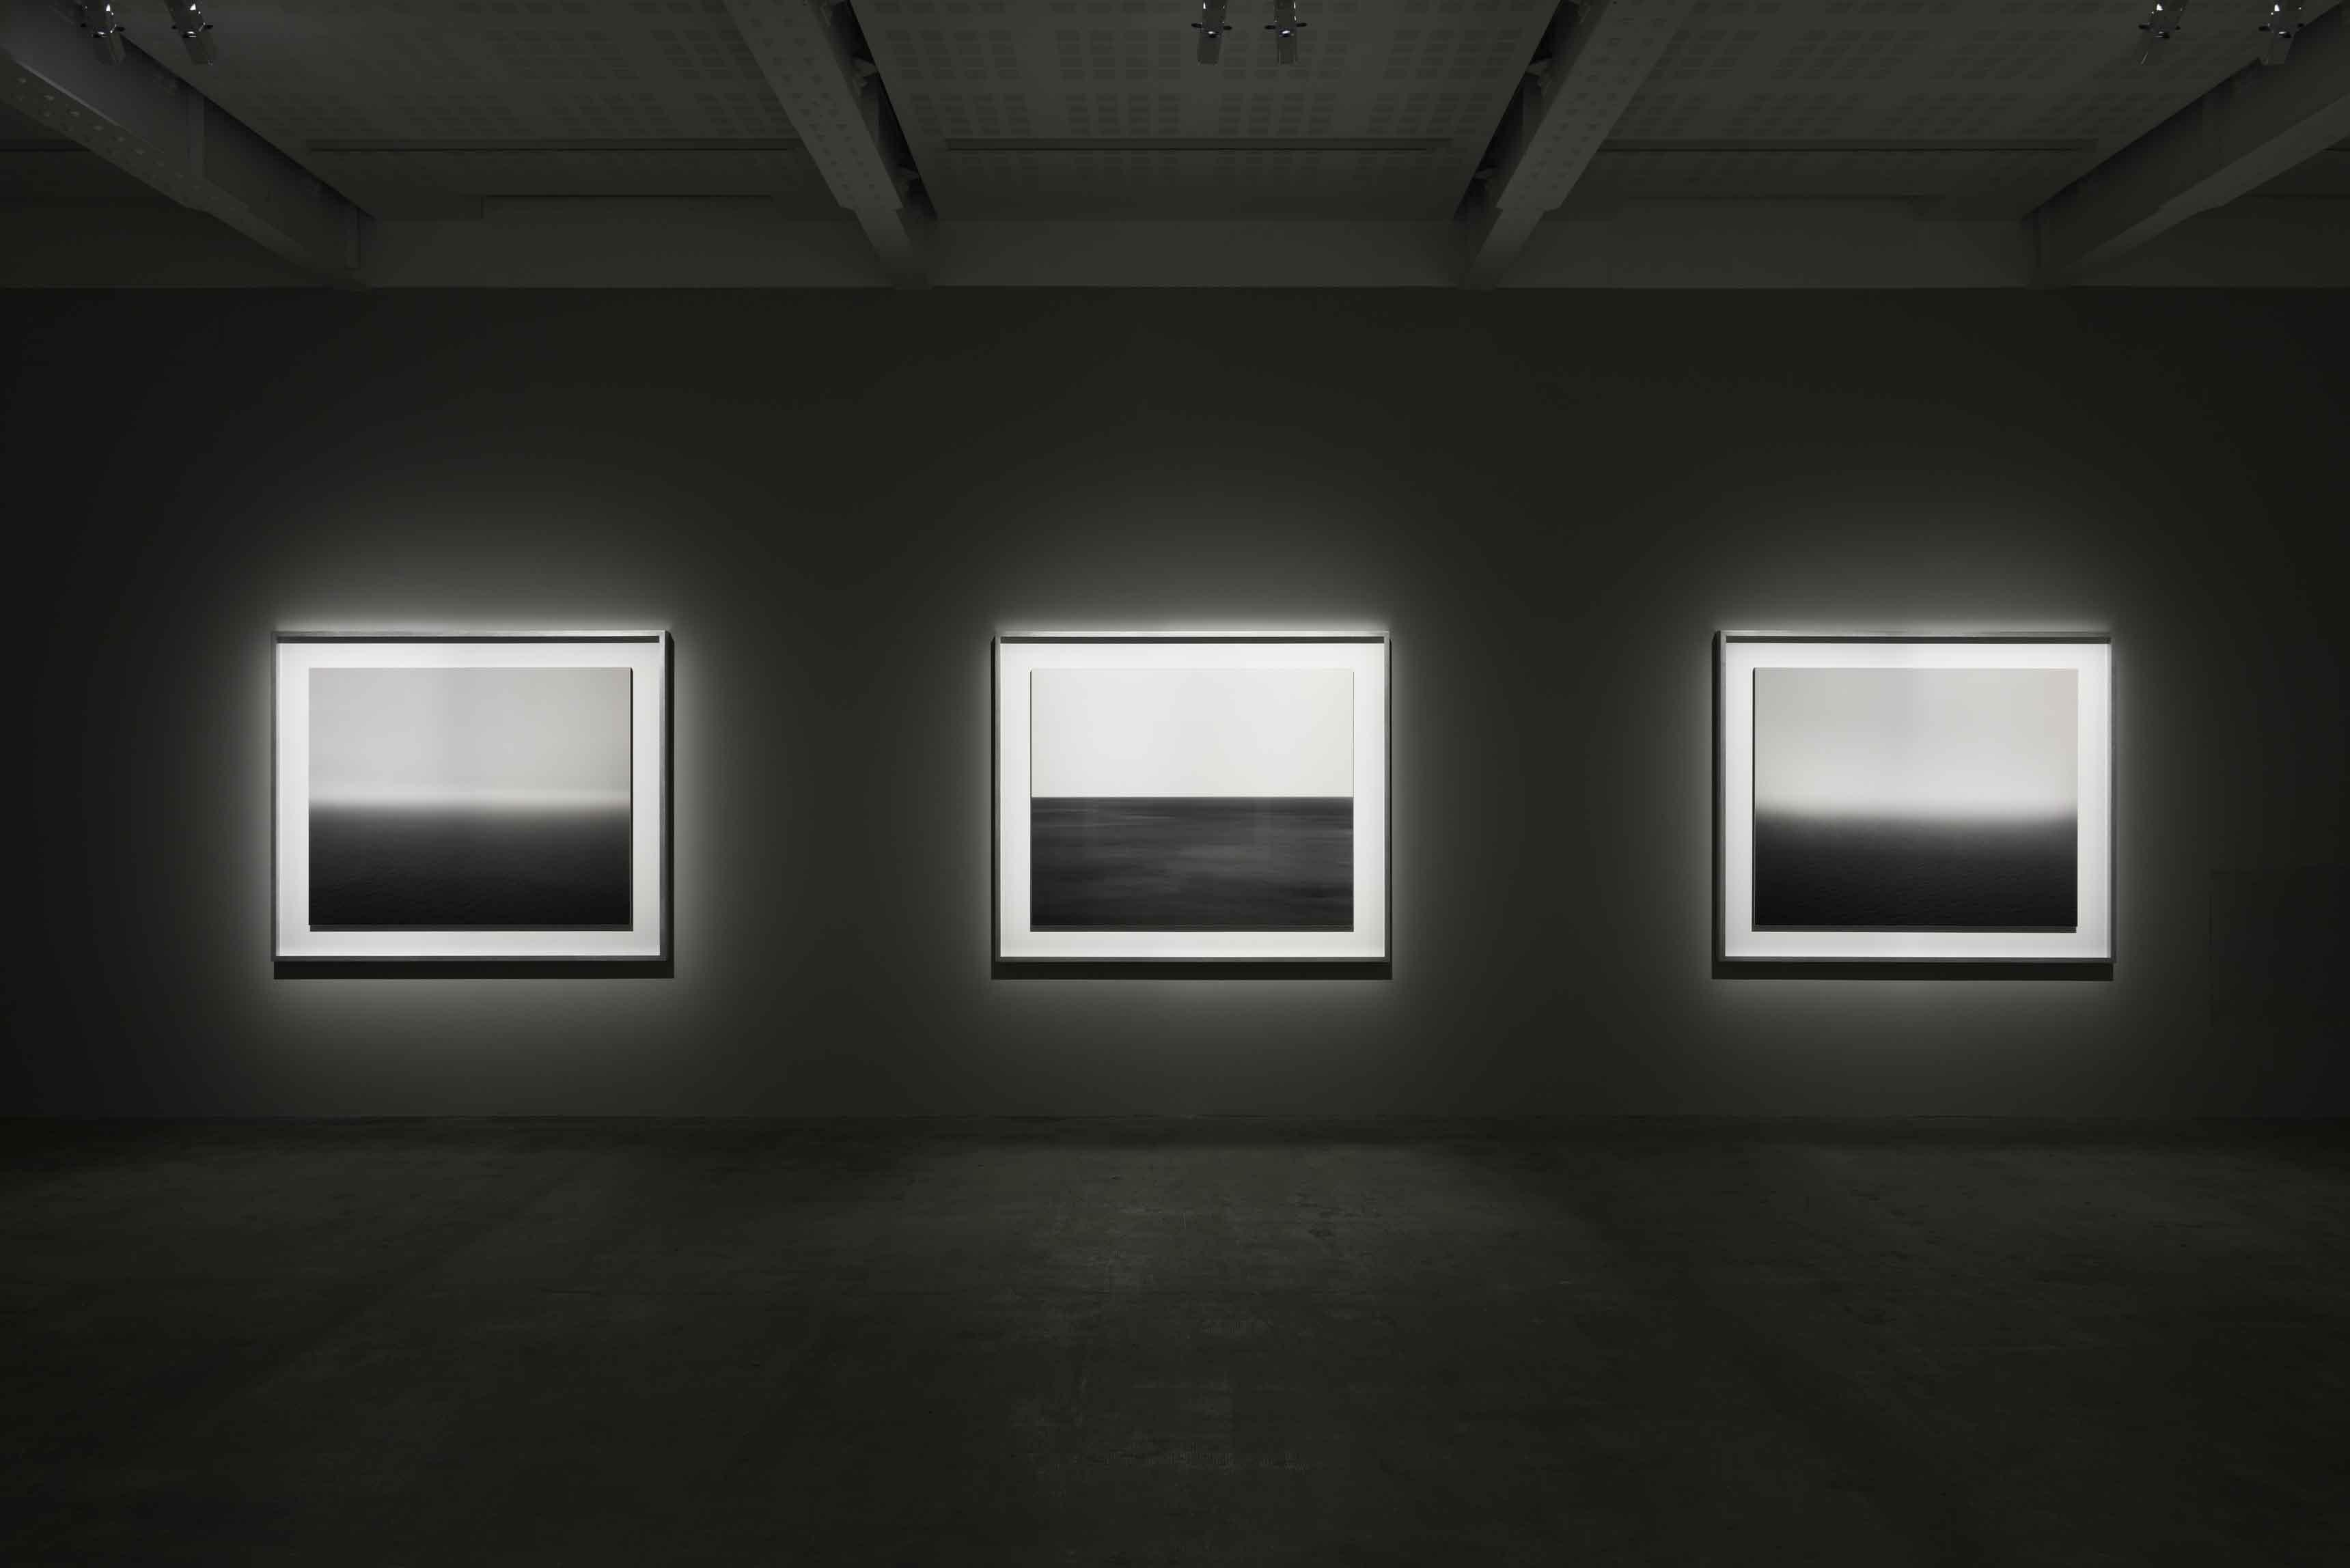 Hiroshi Sugimoto, Surface Tension, vue d'exposition. Hiroshi Sugimoto transforme ces paysages en tableaux abstraits constitués de dégradés et de bandes horizontales.